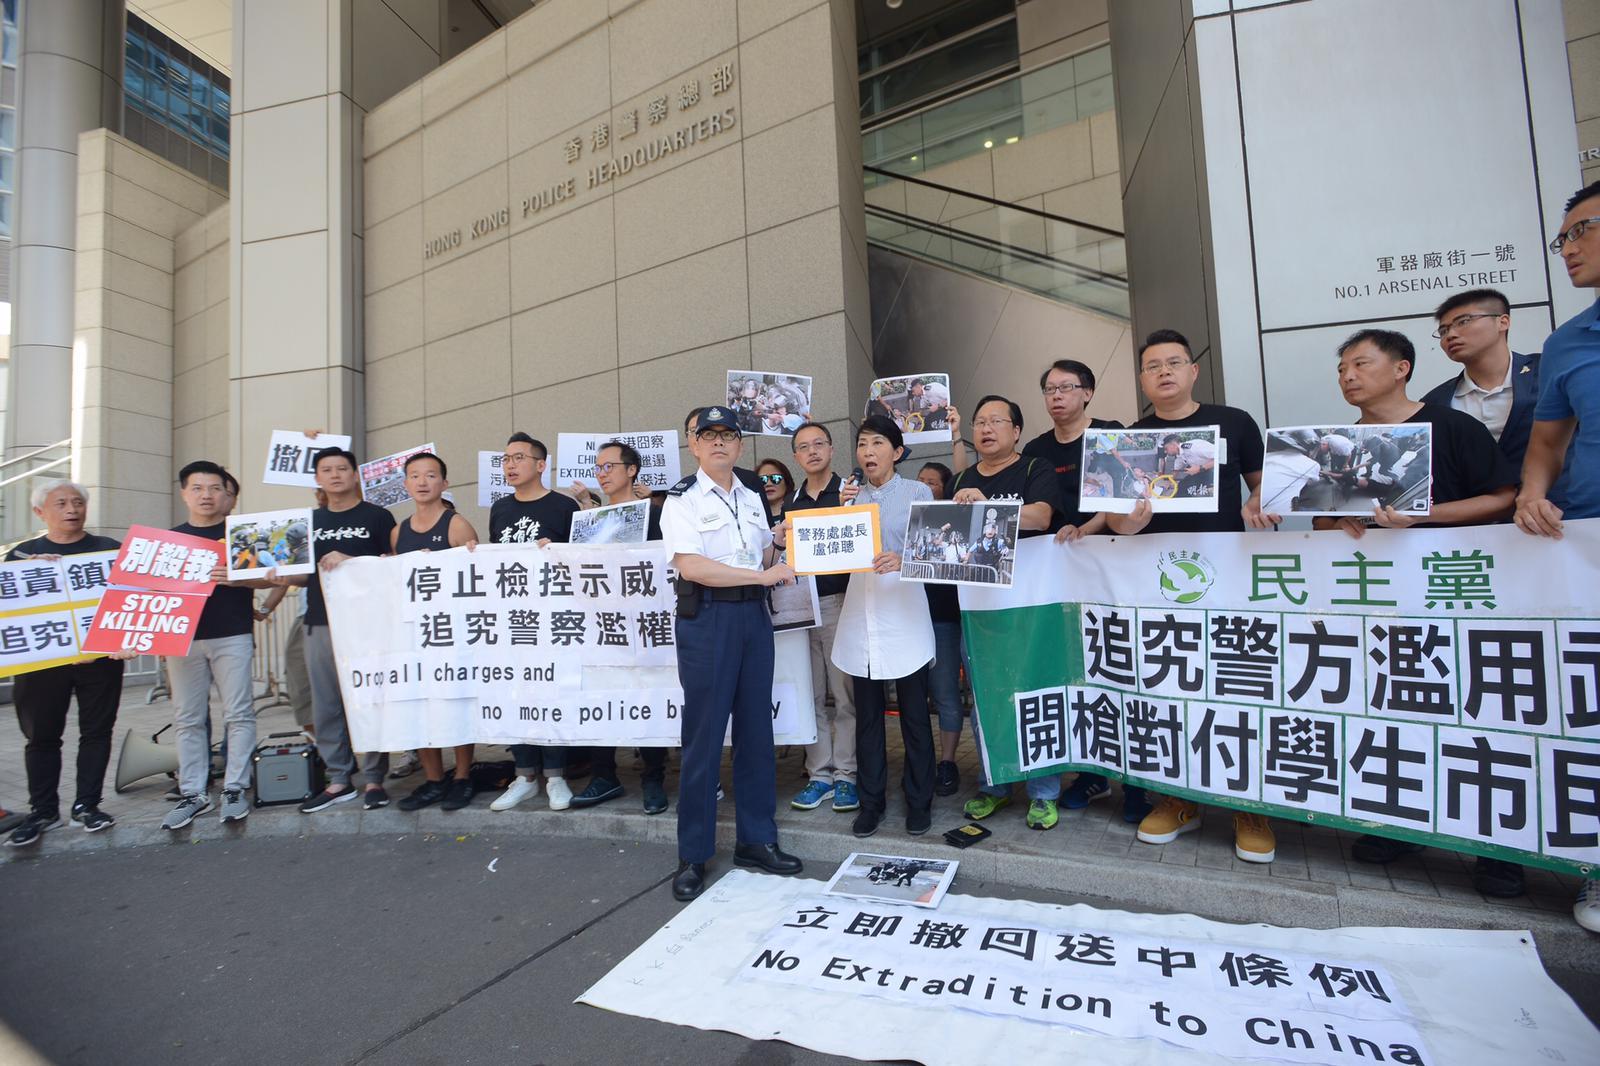 毛孟靜(中)等泛民議員到警察總部抗議,譴責警方濫用武力對付示威者。